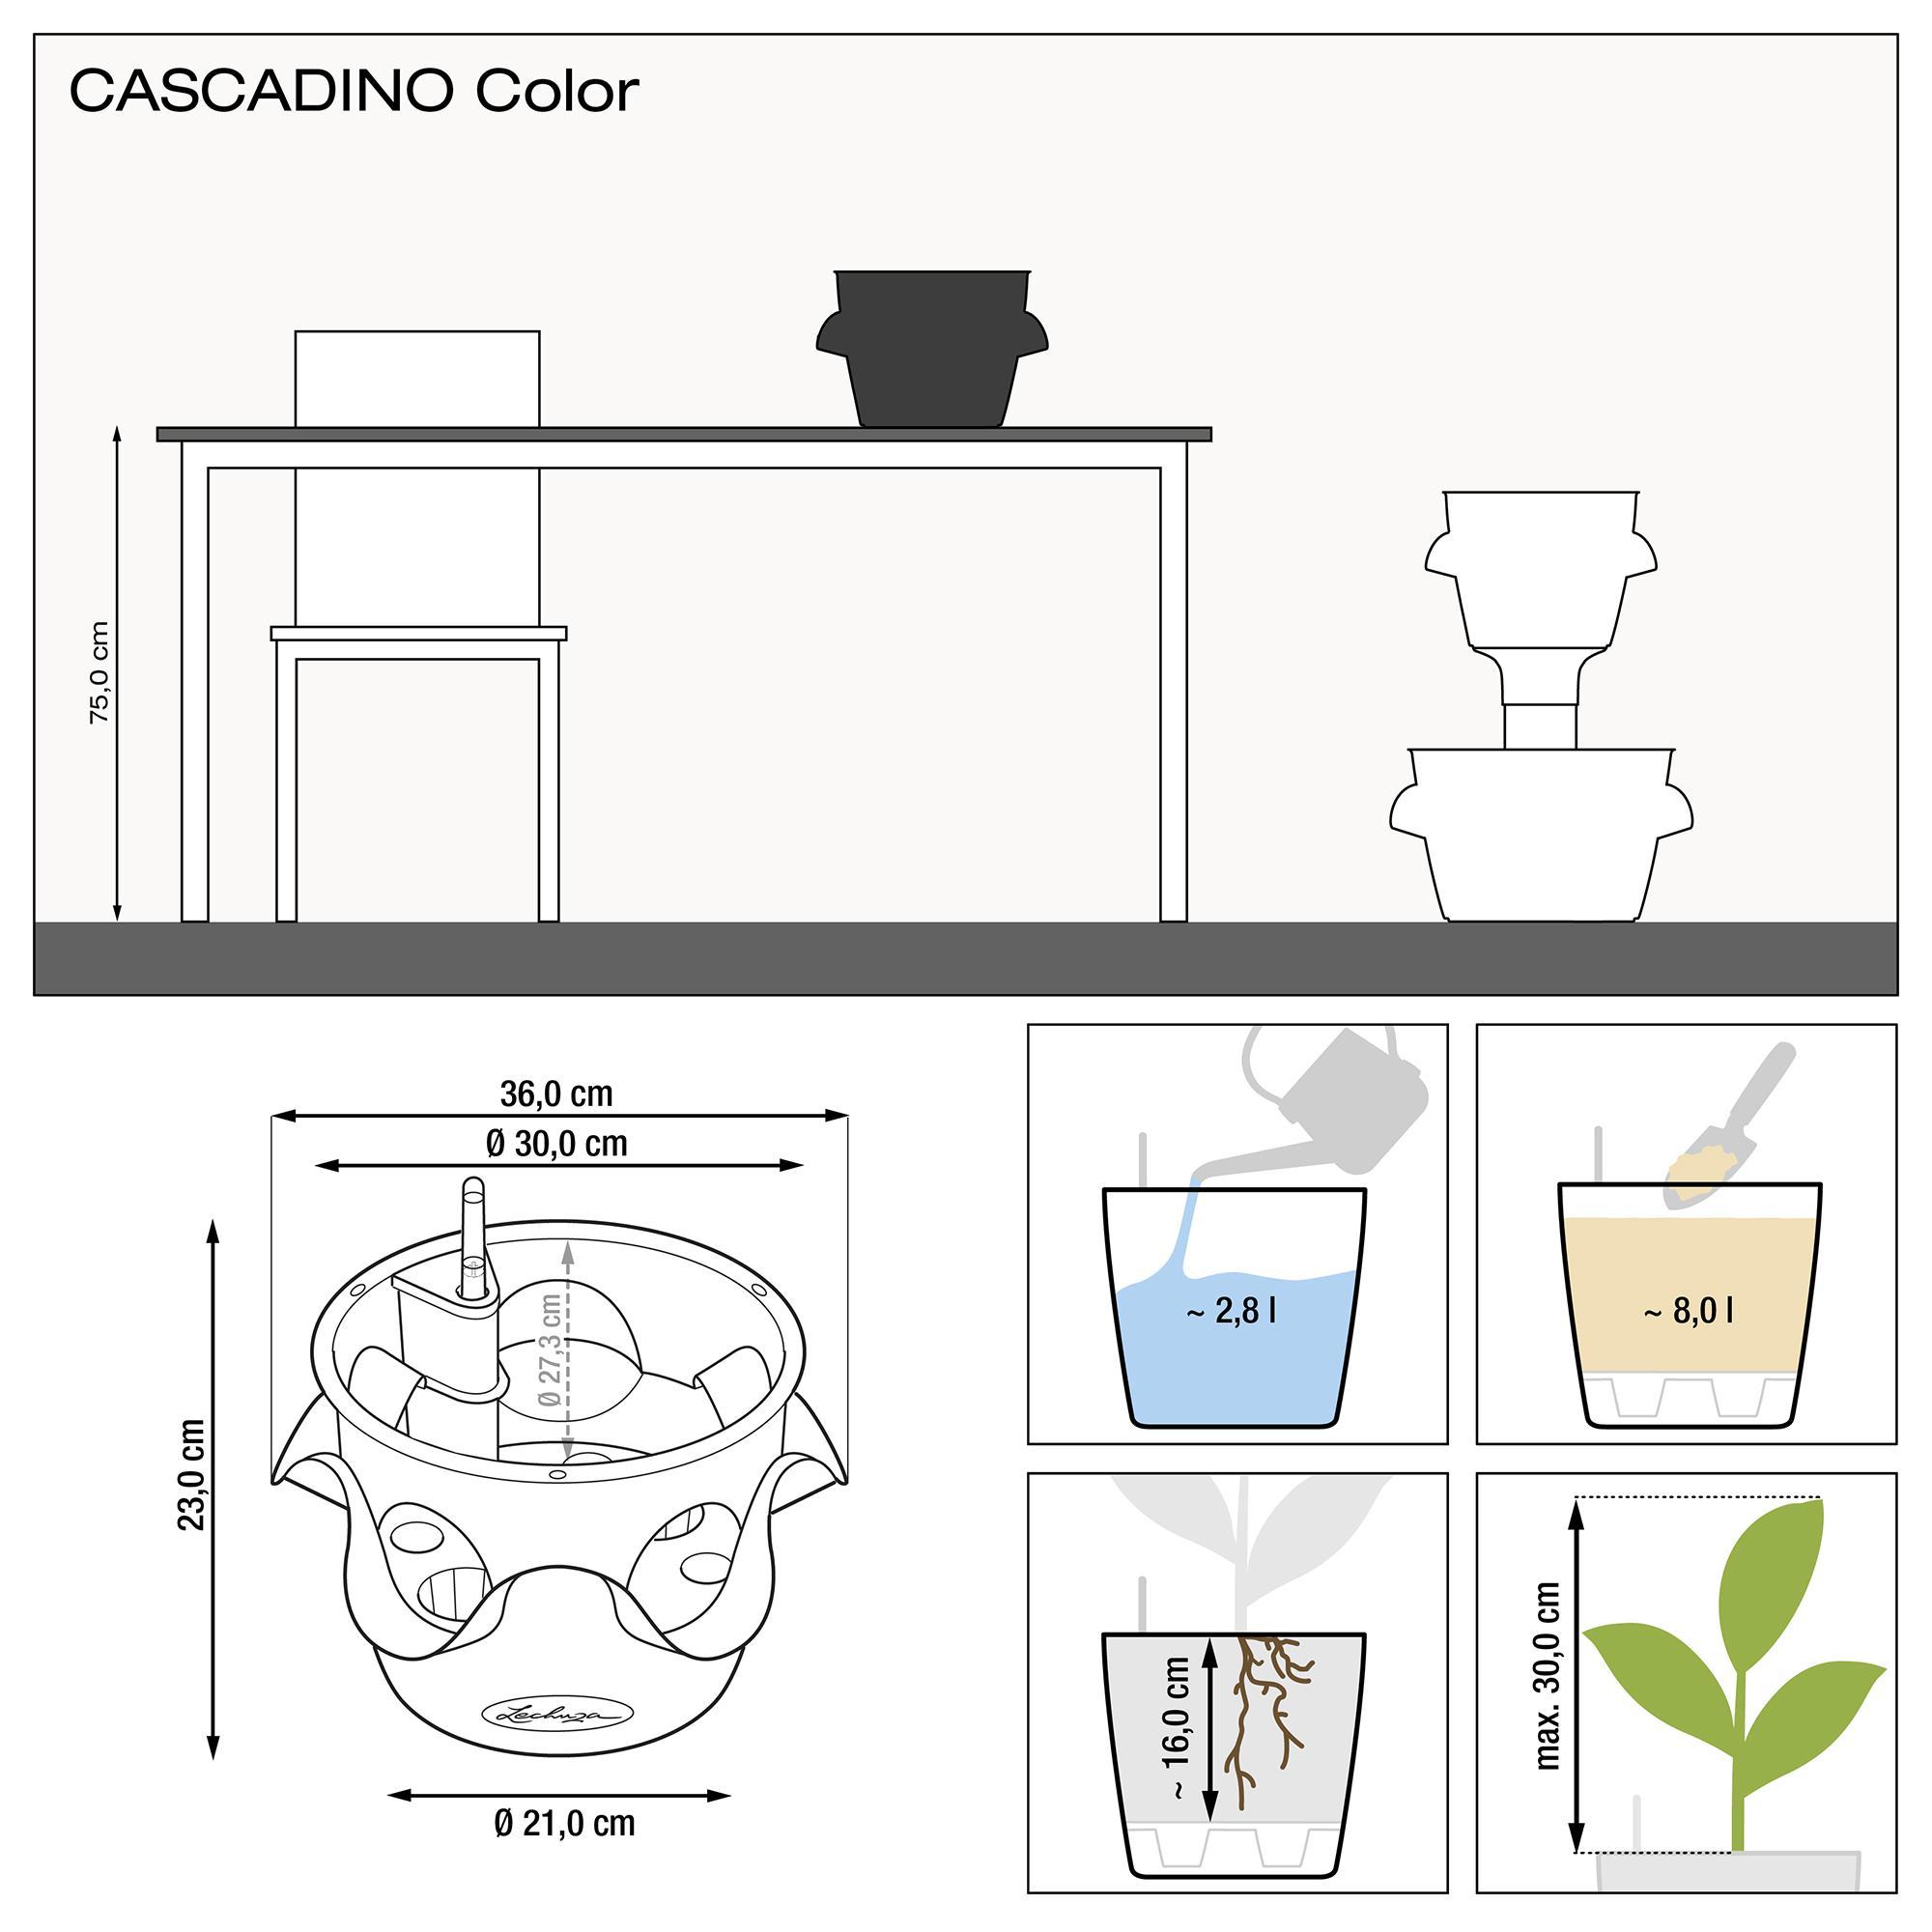 le_cascadino-color36_product_addi_nz